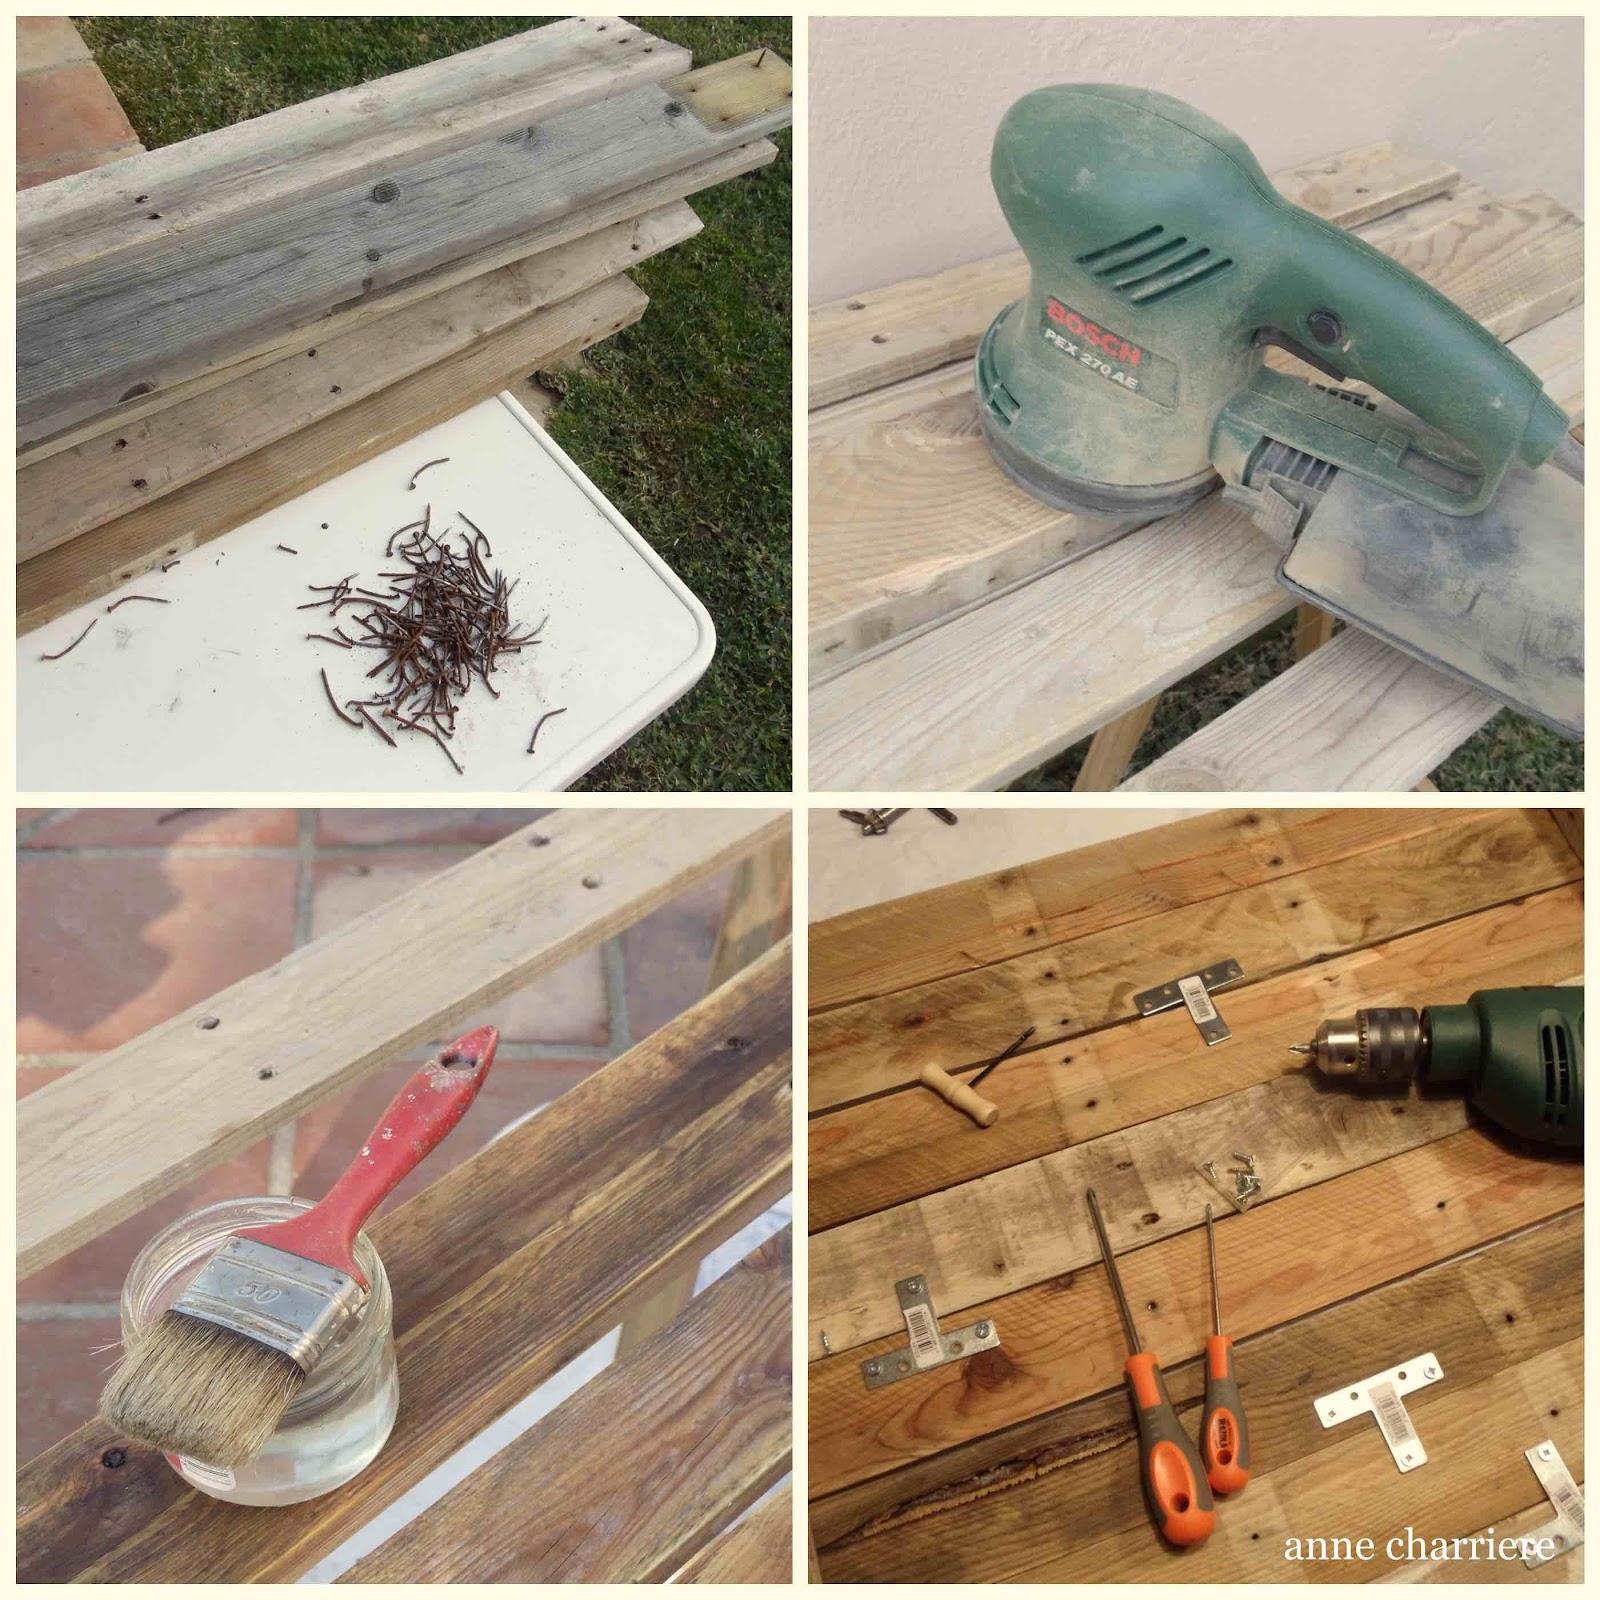 anne charriere blog de bricolage d co low cost restauration sur bois et peinture. Black Bedroom Furniture Sets. Home Design Ideas